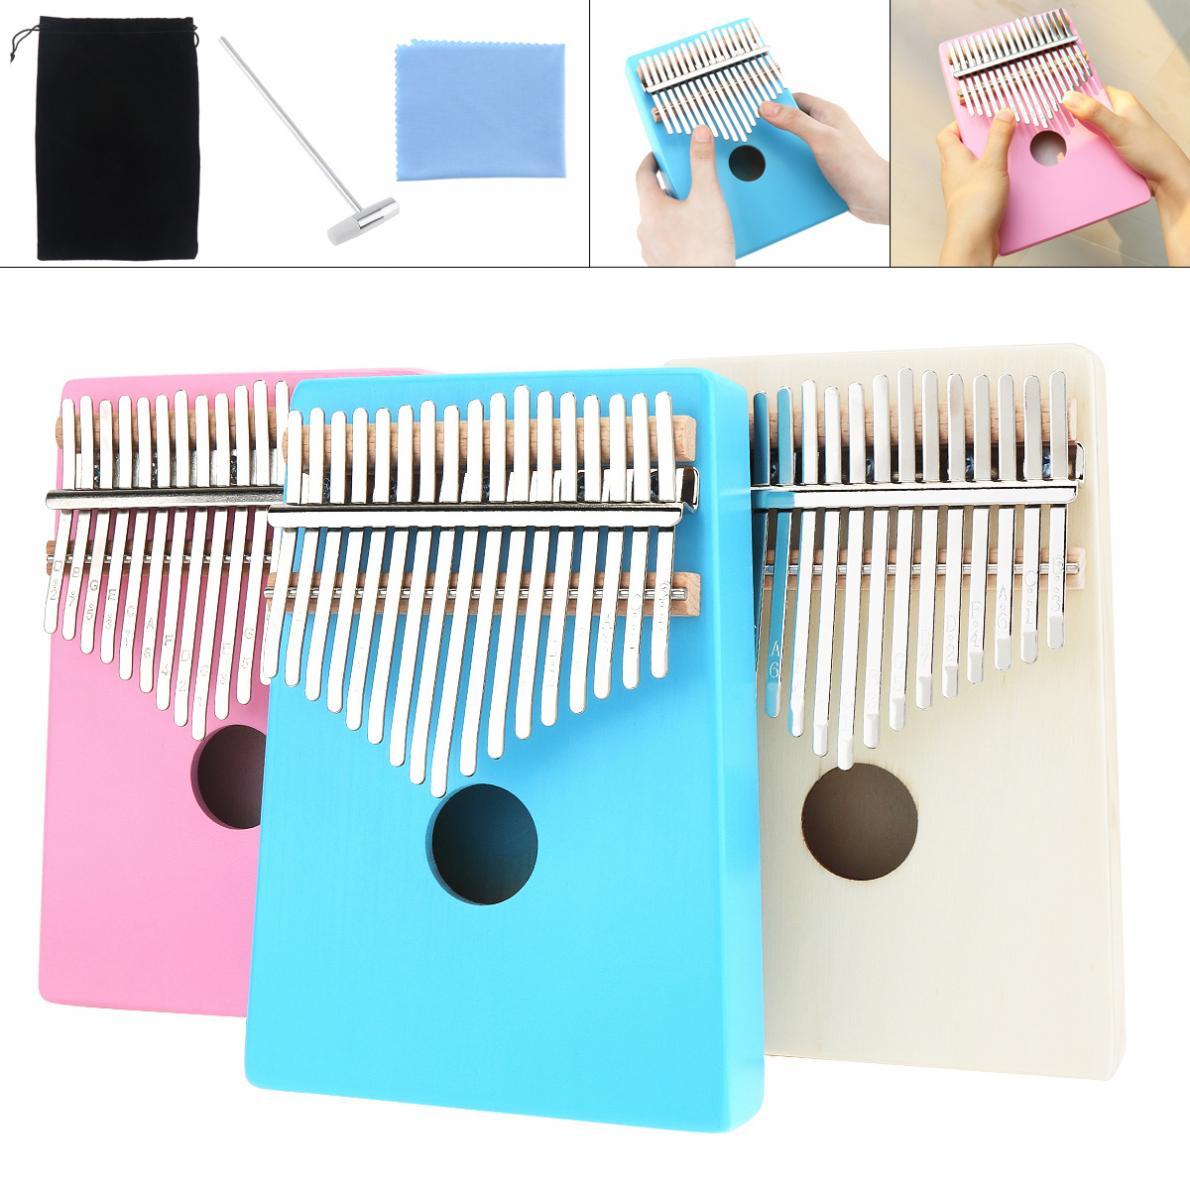 Única de Kalimba Instrumento de Teclado Piano de Dedo com 17 Teclas Placa Pine Mbira Mini Rosa Madeira Azul Opcional